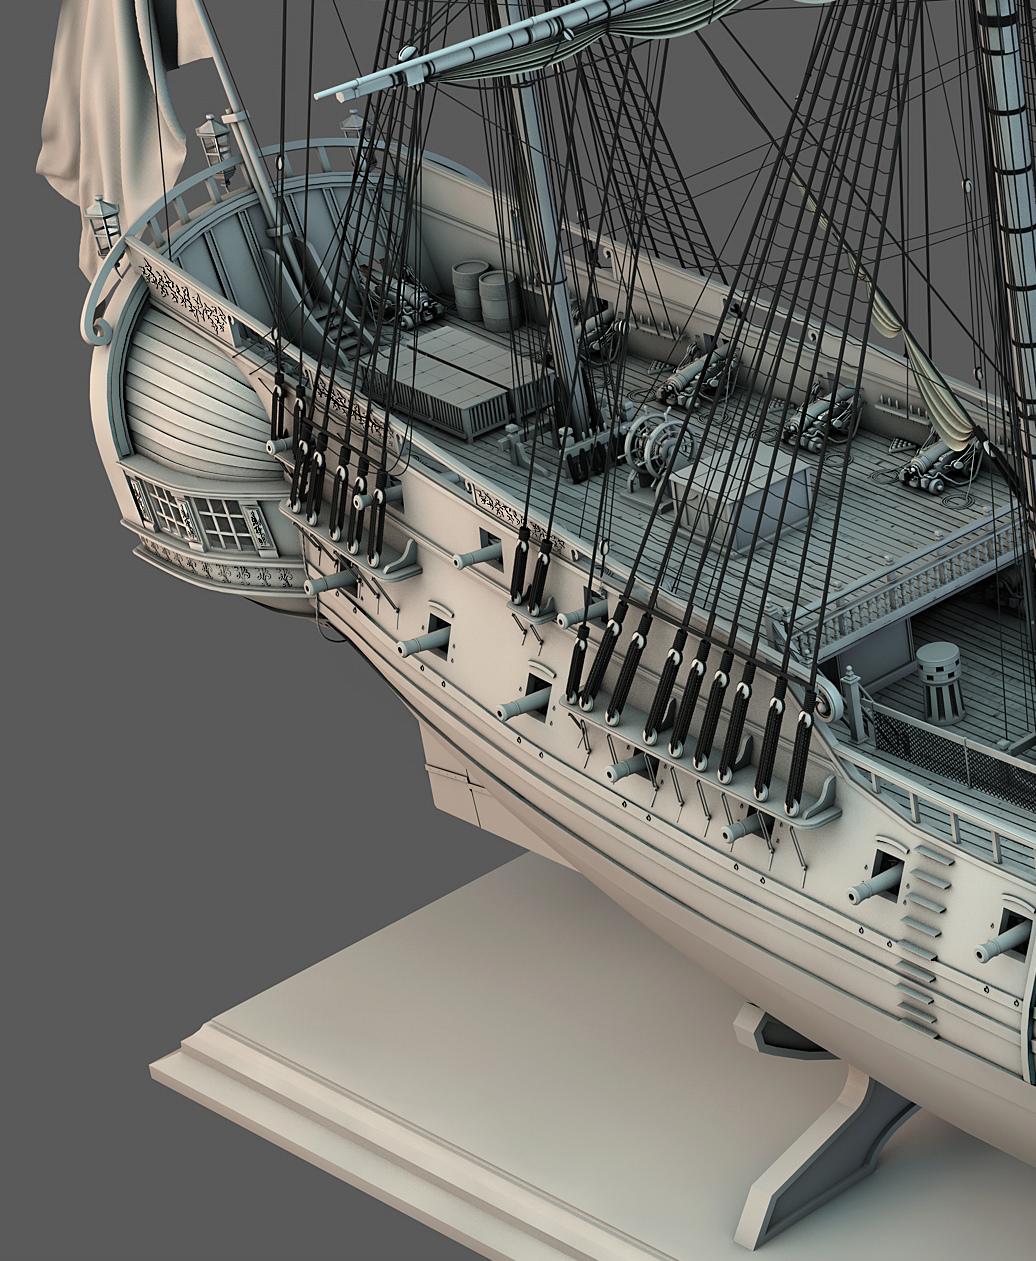 Frégate m'a première réalisation d'un navire en 3D. - Page 10 Frzoga34